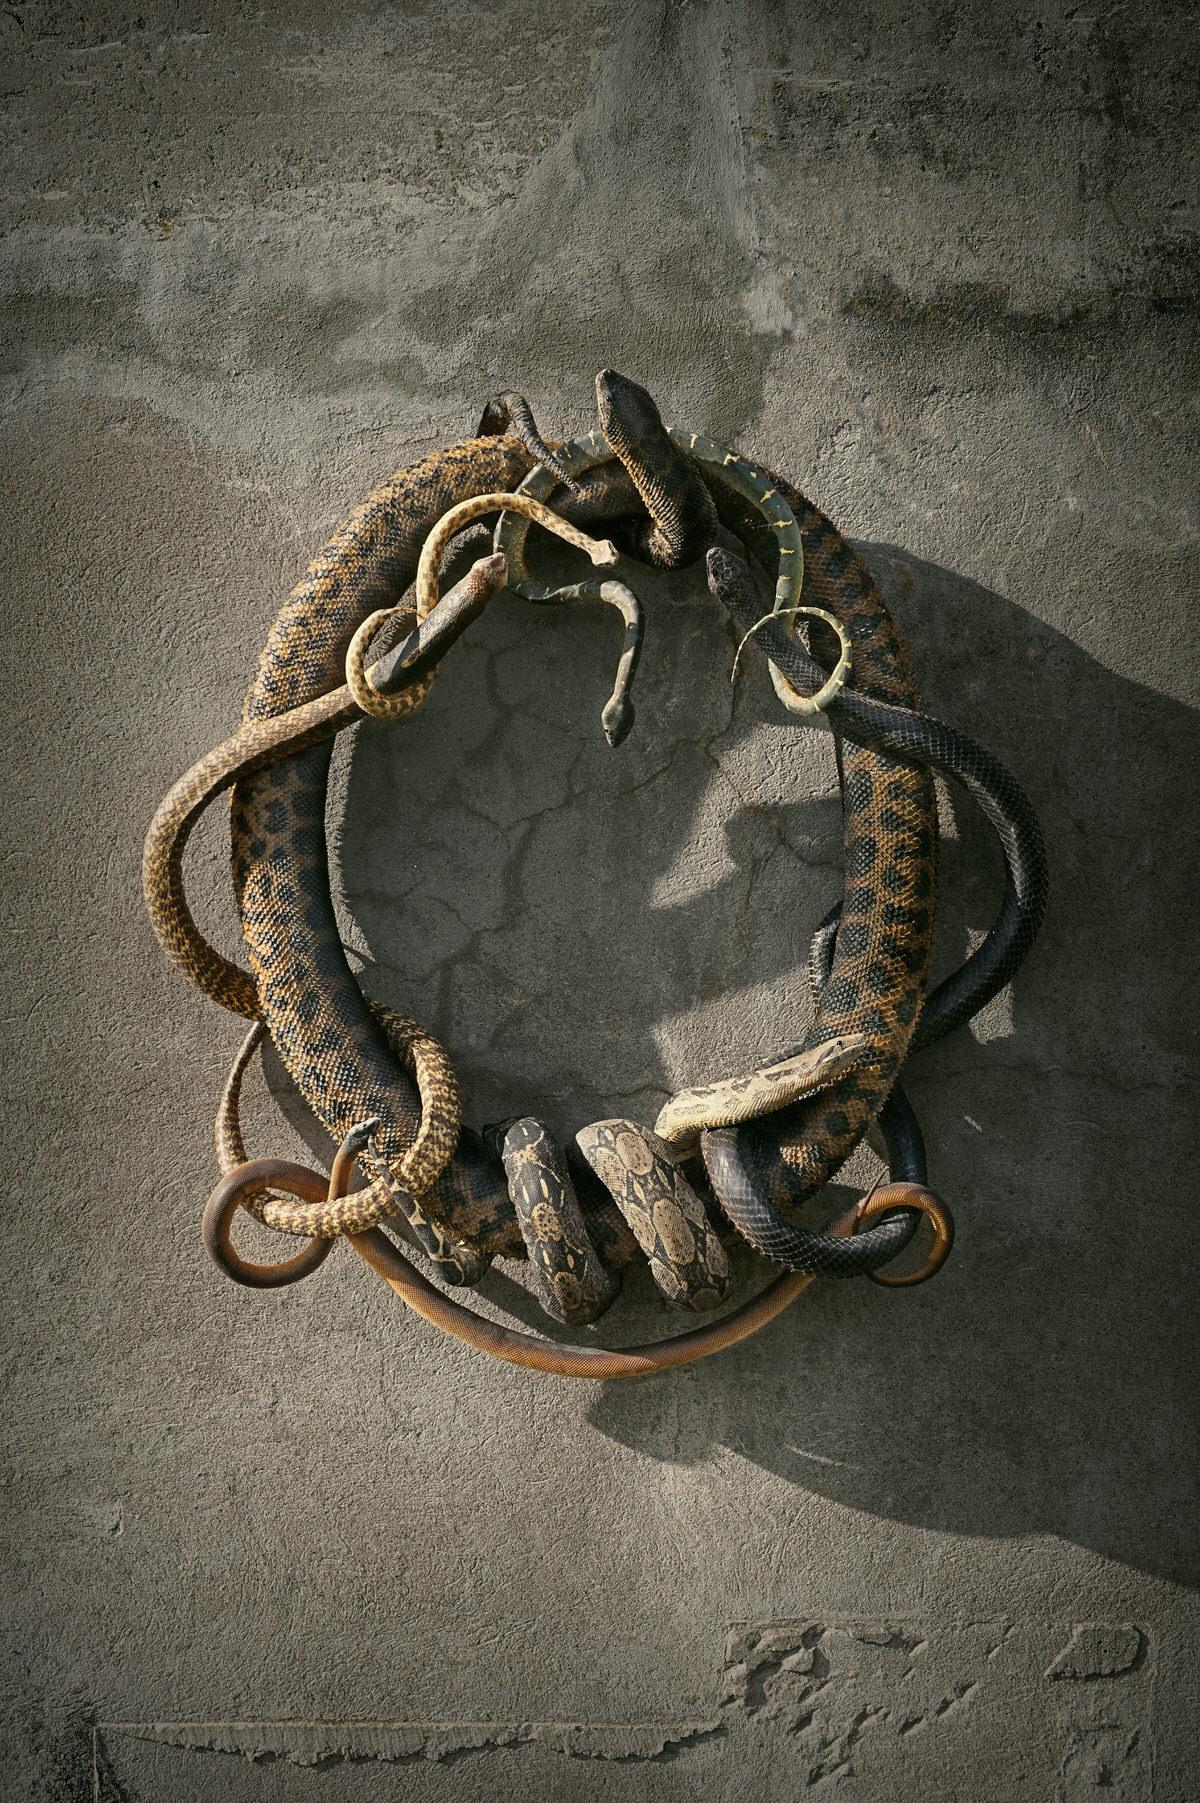 DSvT-Snakes-Hirst.jpg